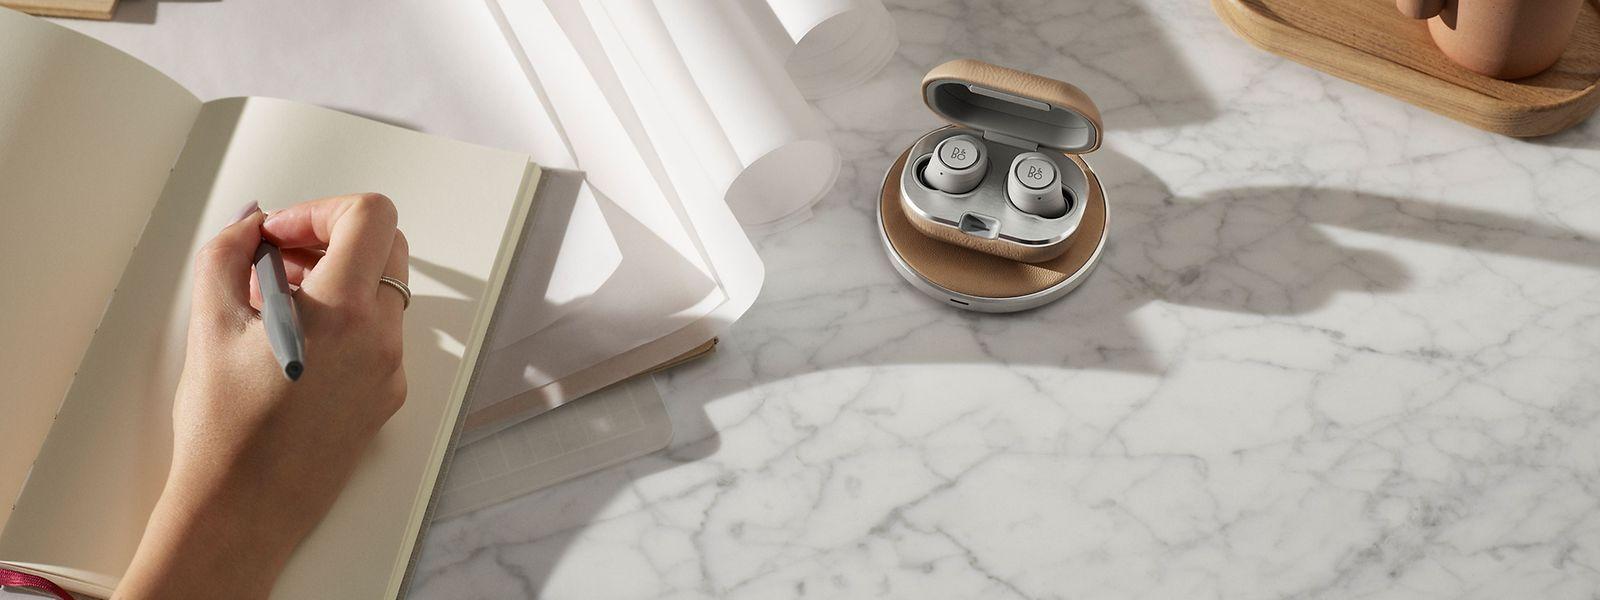 """Die In-Ear-Kopfhörer können auch auf dem separat erhältlichen """"Beoplay Charging Pad"""" (125 Euro) aufgeladen werden."""